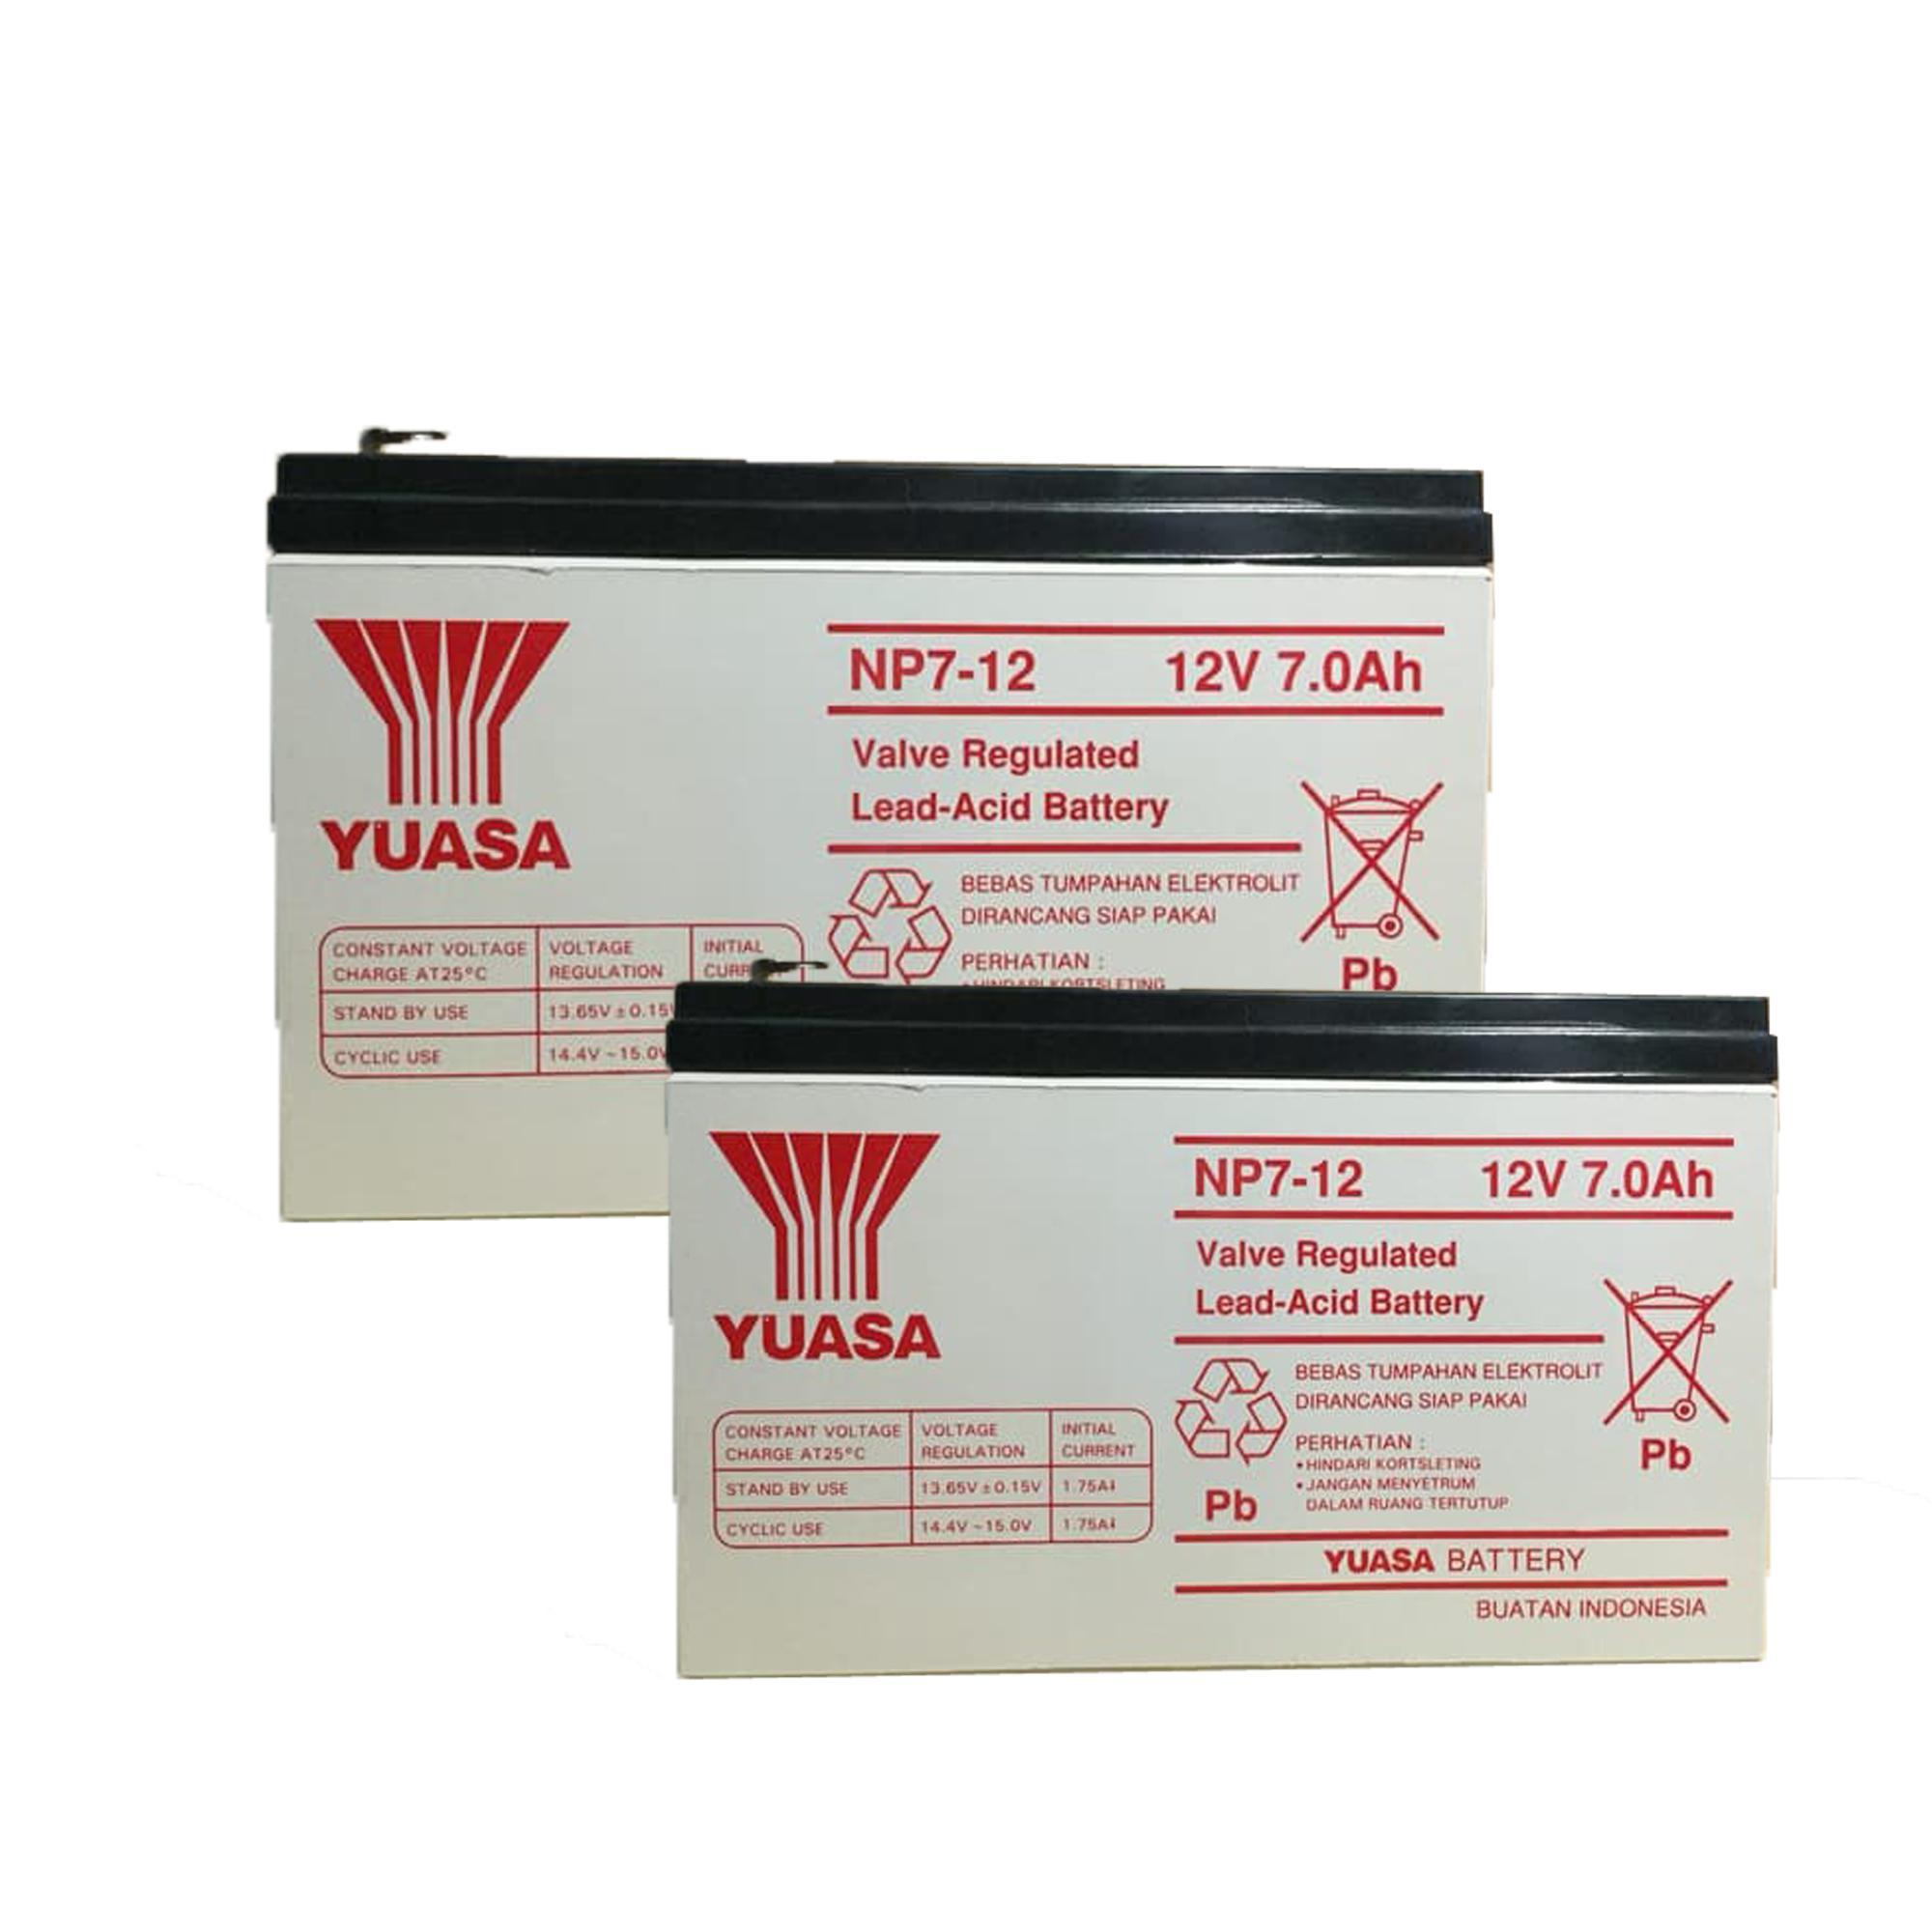 Panasonic Accu Kering Vrla 12v 72ah Untuk Ups Aki Lc V127r2na Battery Merk Ical Original Paket 2 Unit Baterai Yuasa 7ah Np 7 12